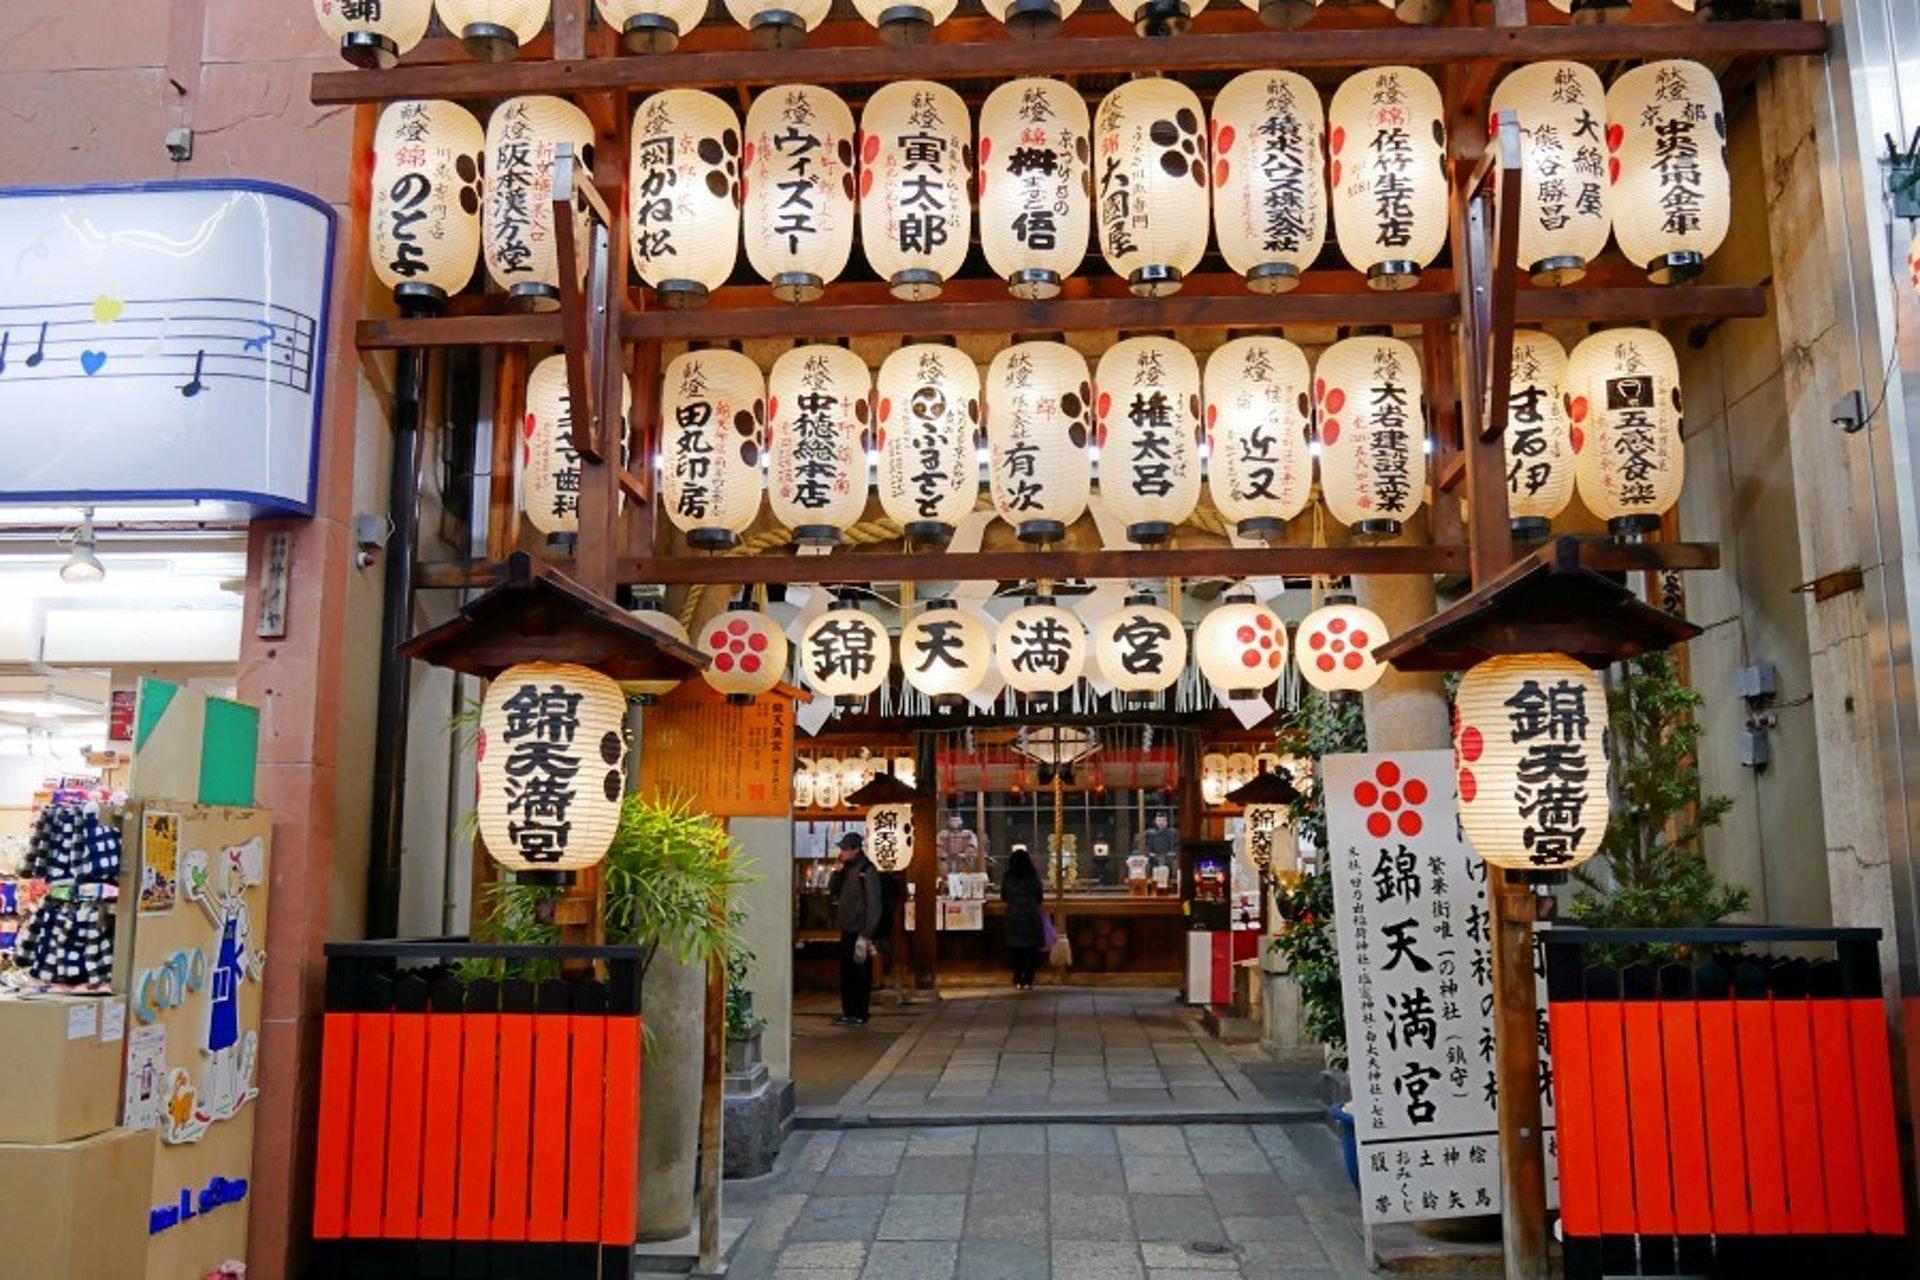 在錦市場附近有錦天滿宮,錦天滿宮是個為求學問和知識的神社,雖然不大但到訪的人卻眾多。(KKday)